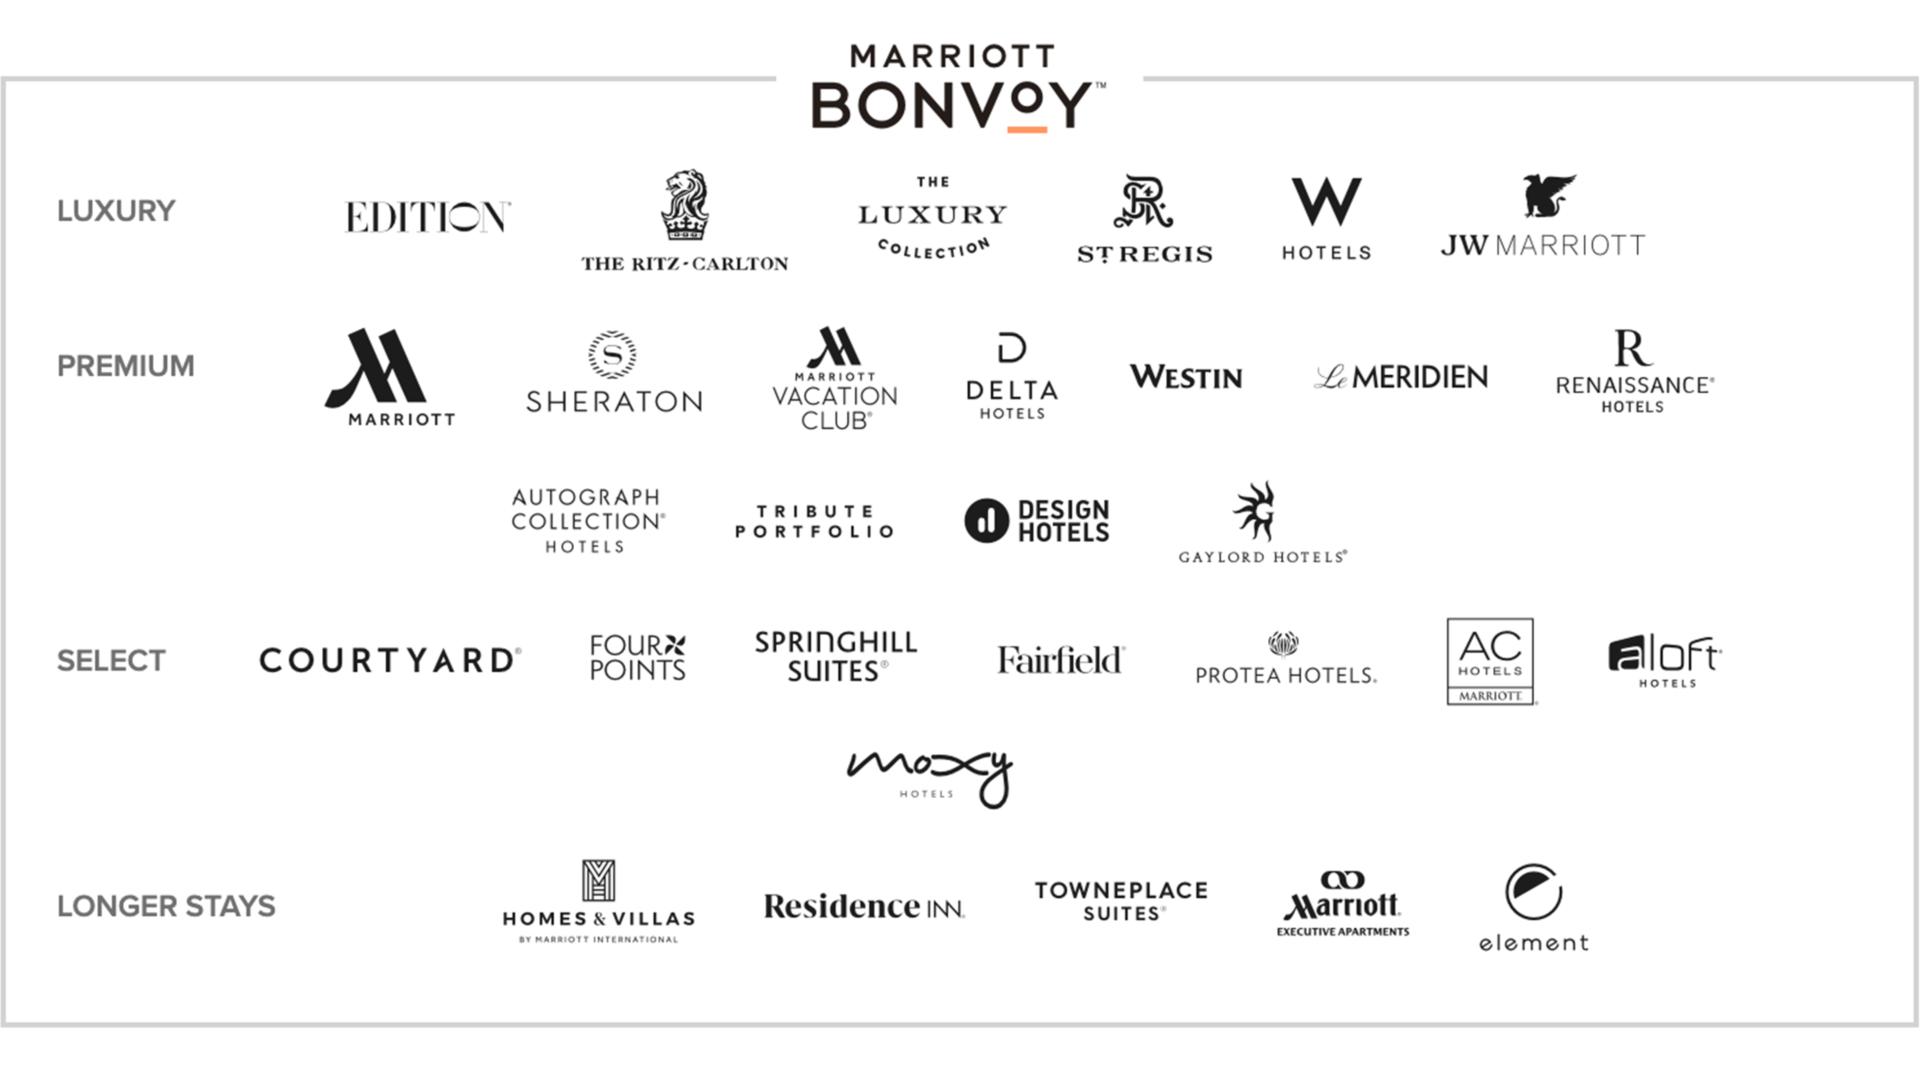 マリオットインターナショナル(マリオット ボンヴォイ、Marriott Bonvoy)のホテルブランド一覧